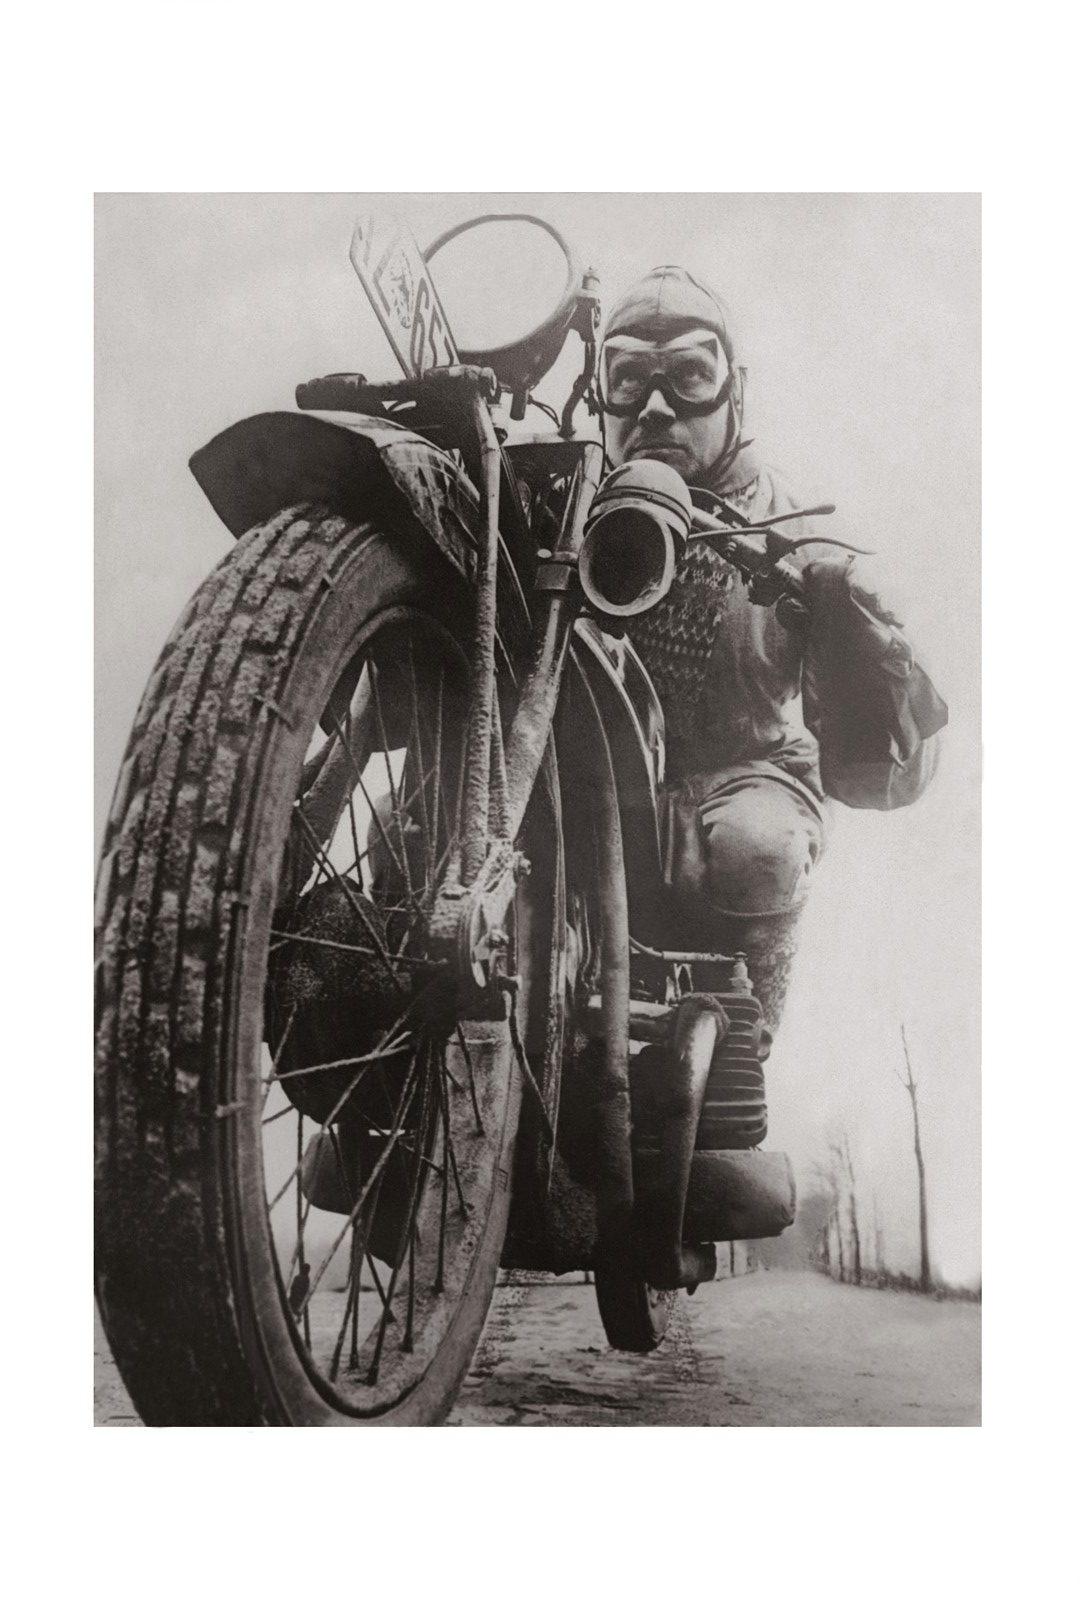 Photo ancienne noir et blanc moto n°29 cadre noir 30x45cm